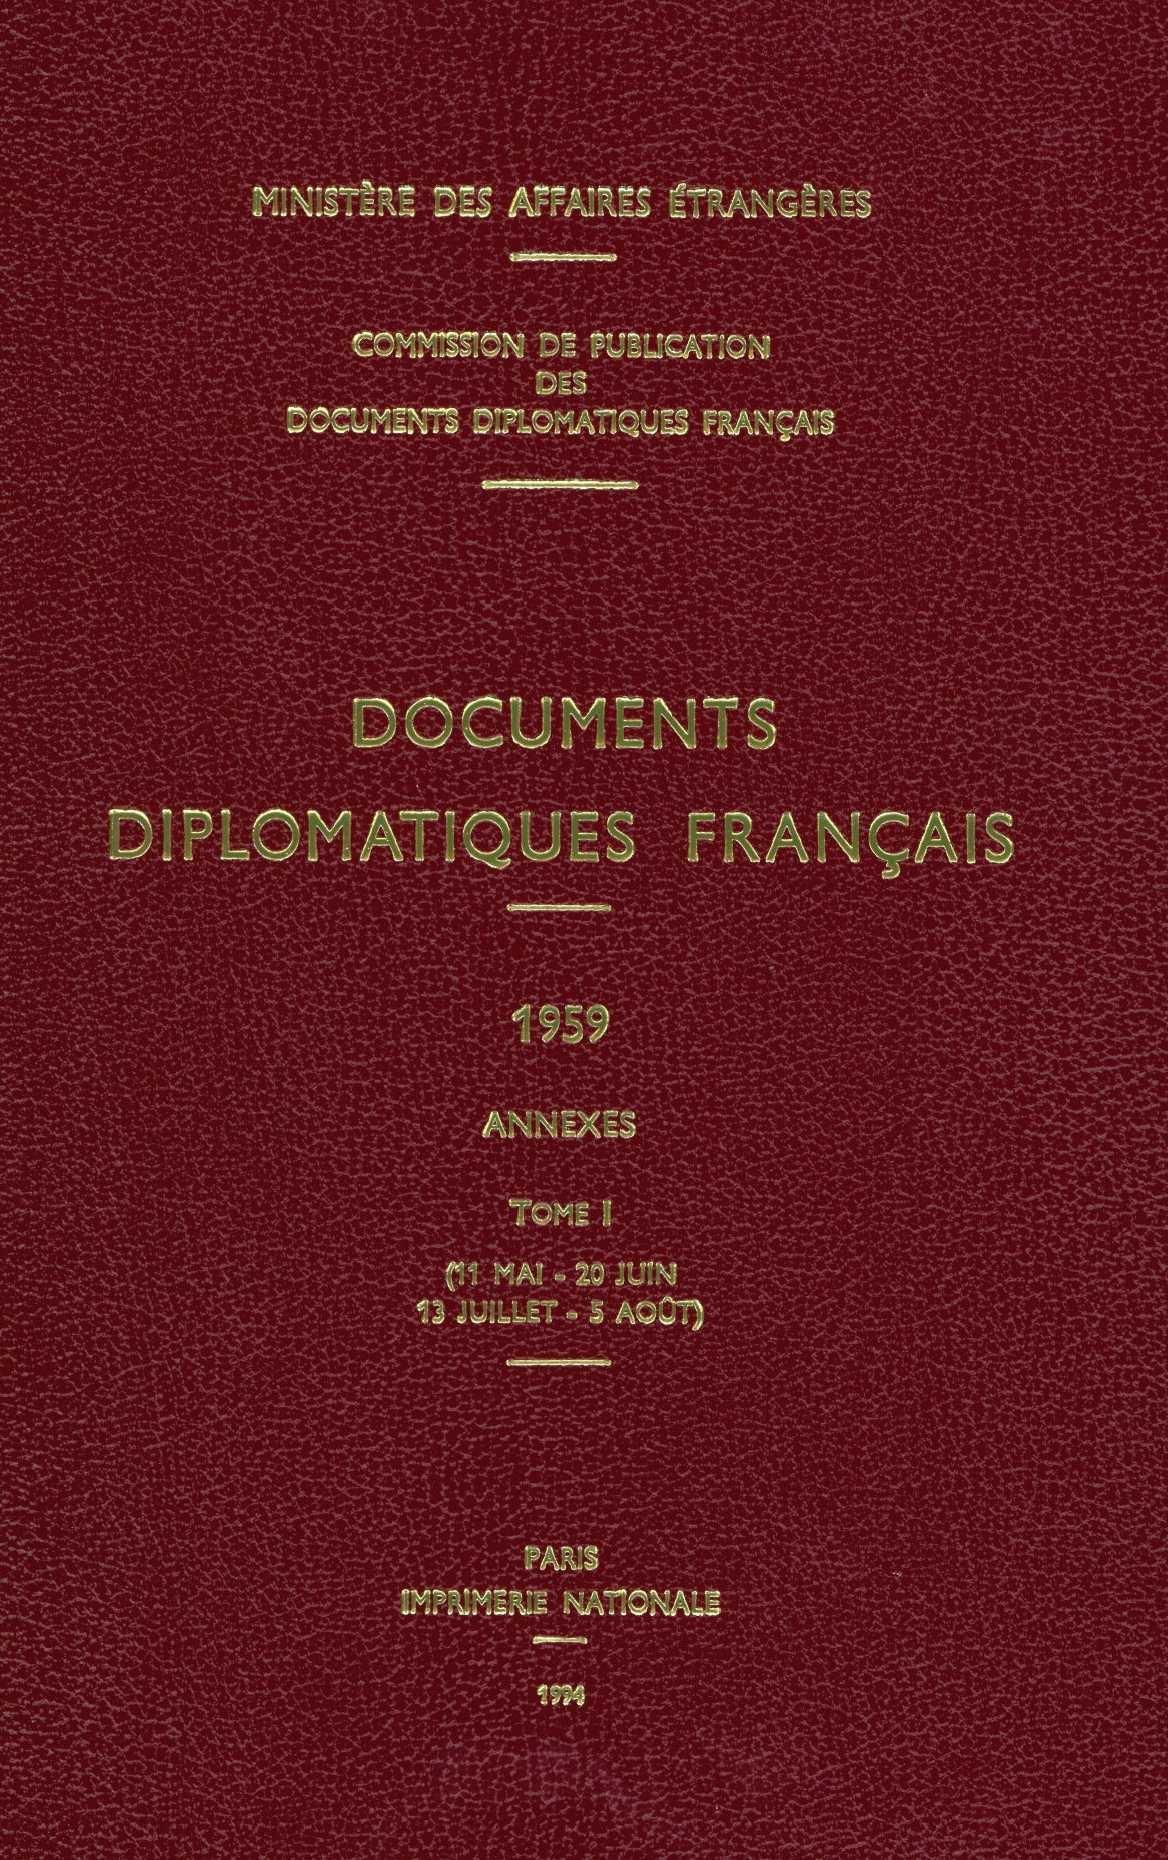 DOCUMENTS DIPLOMATIQUES FRANCAIS - 1959 - TOME I / ANNEXES (11 MAI - 20 JUIN / 13 JUILLET - 5 AOUT)